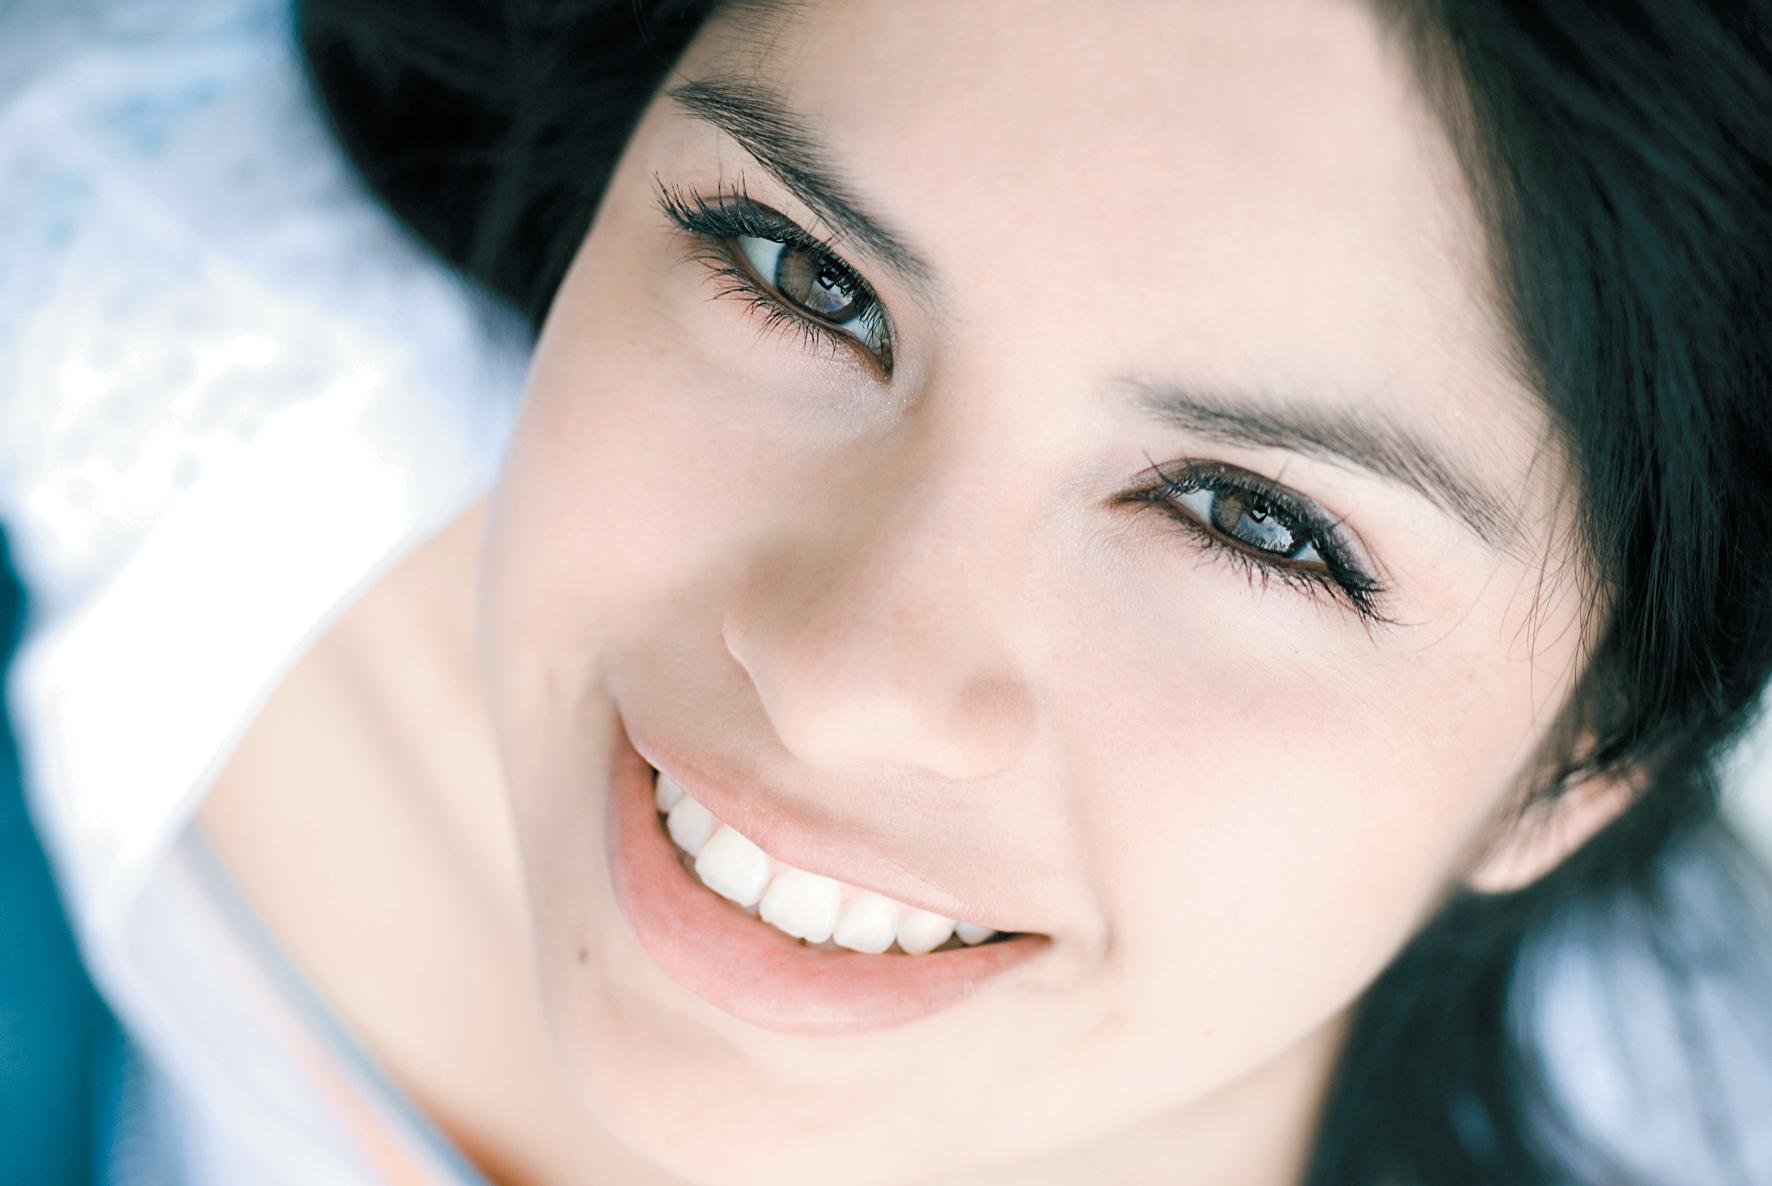 Как сделать чтобы девушка улыбнулась